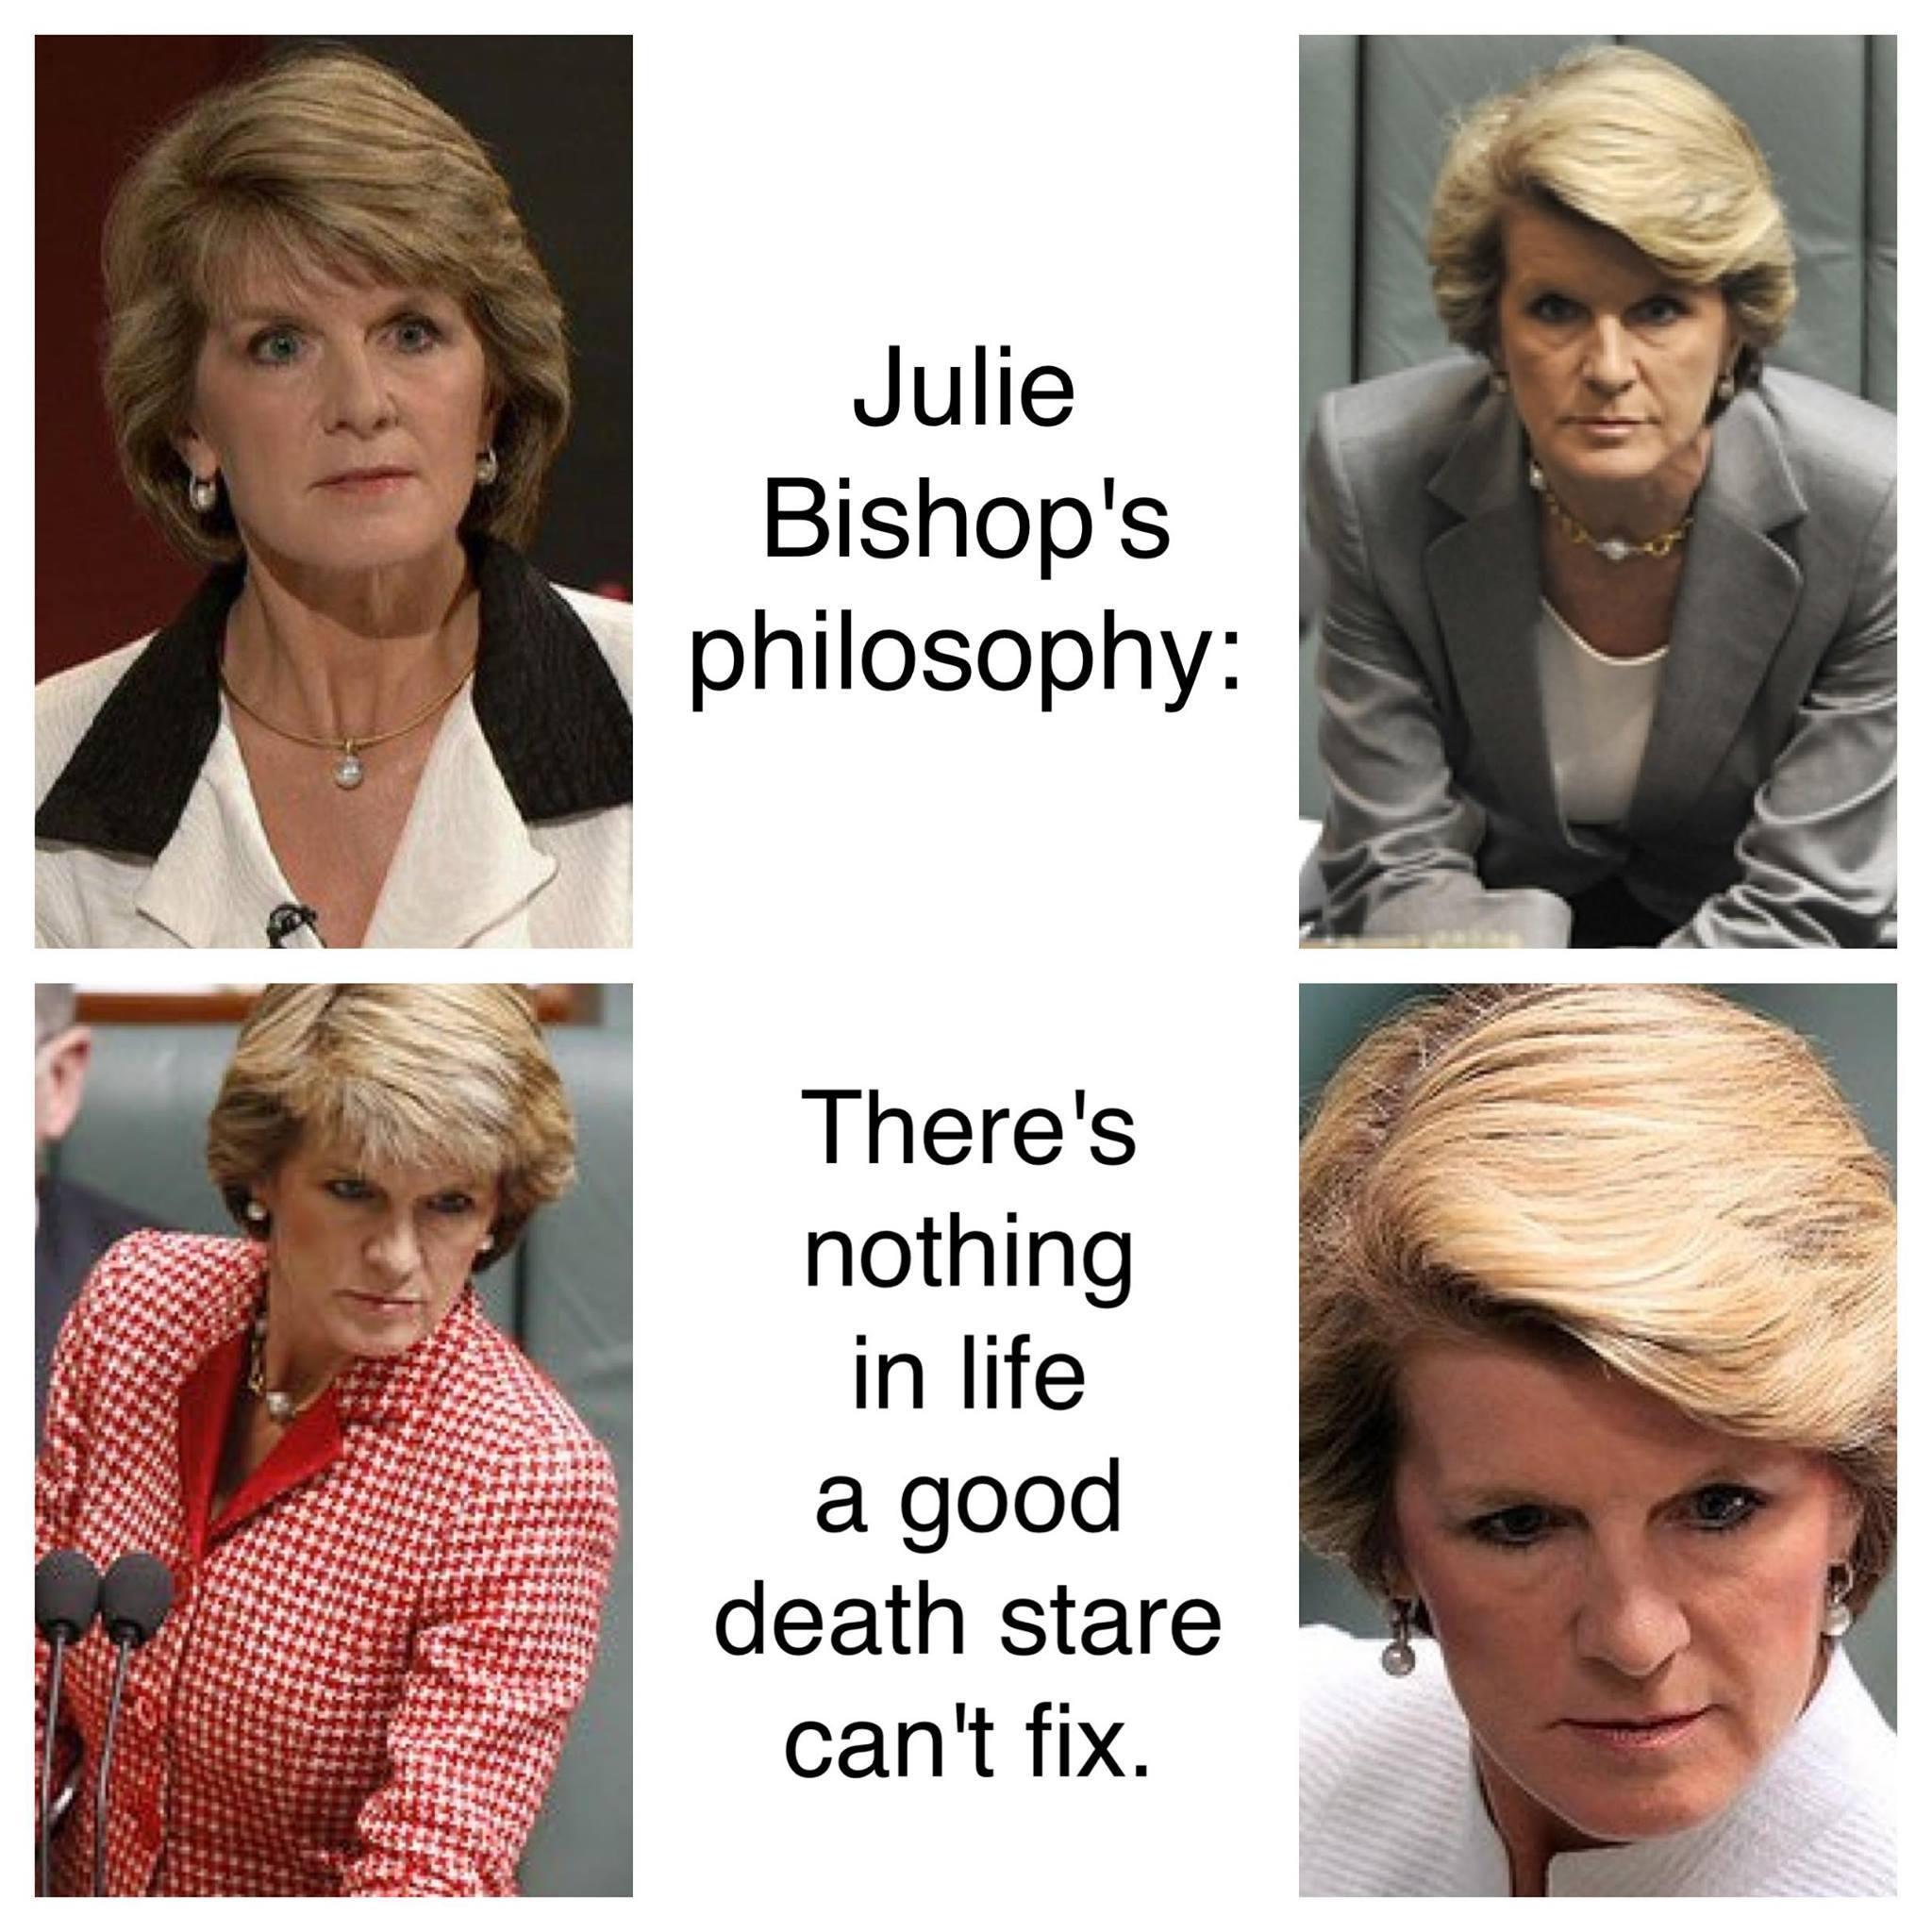 Julie Bishop's Death Stare